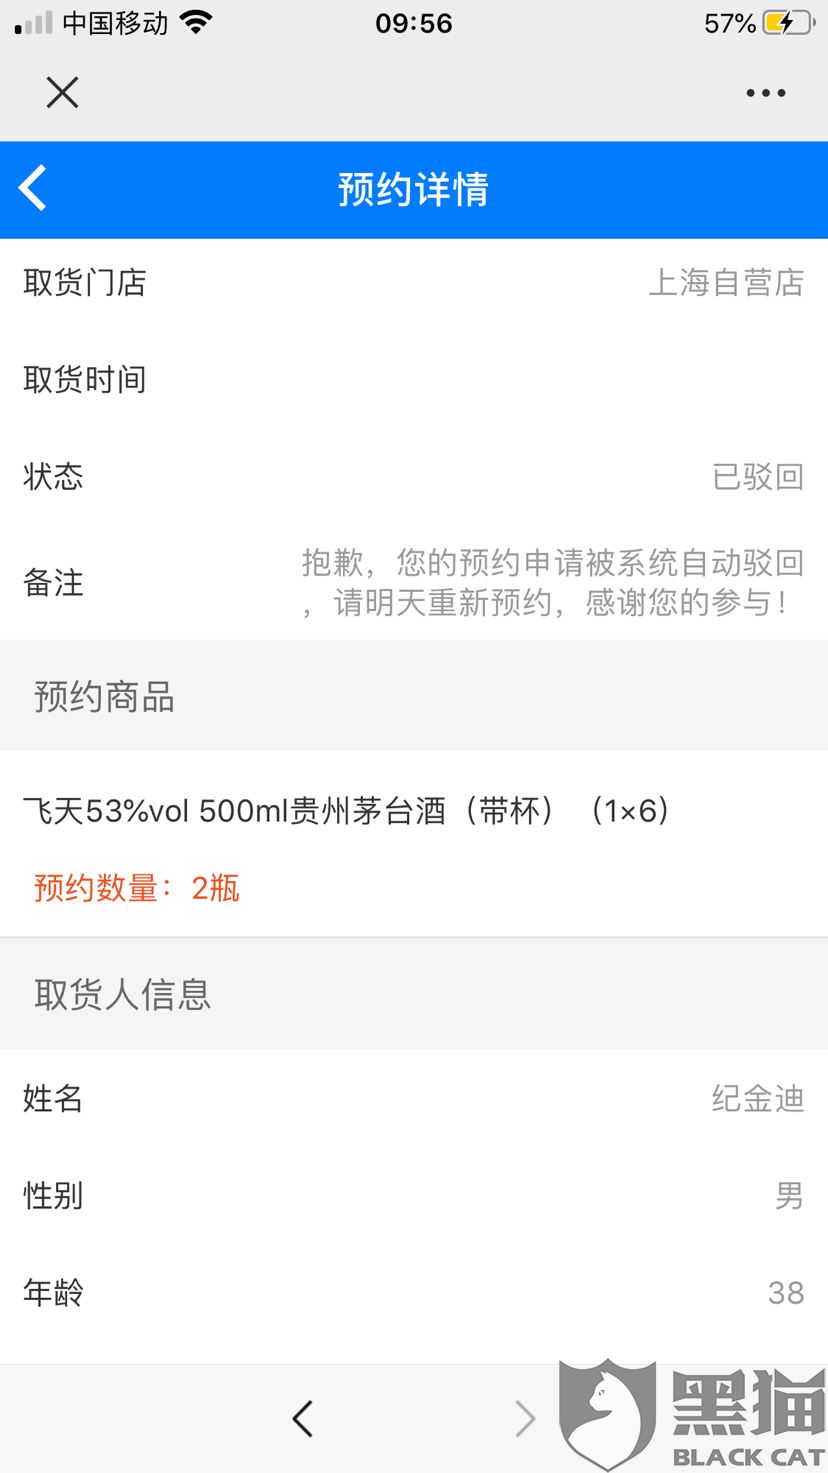 黑猫投诉:贵州茅台官方微信公众号茅台酒预约